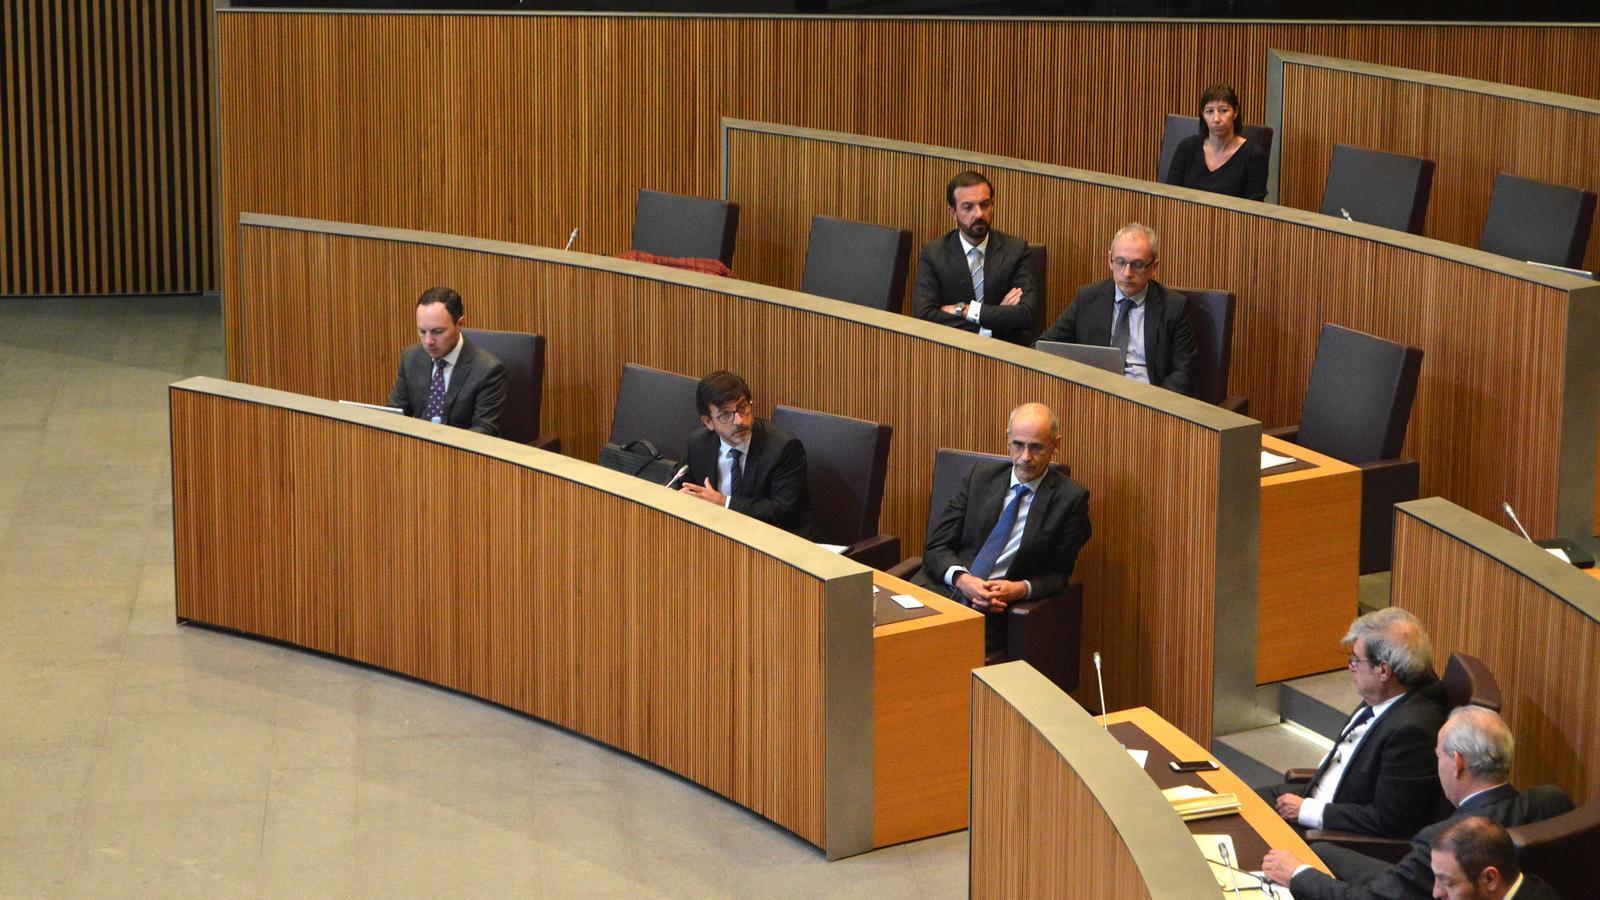 Membres del Govern durant la sessió de Consell General. / M. F. (ANA)